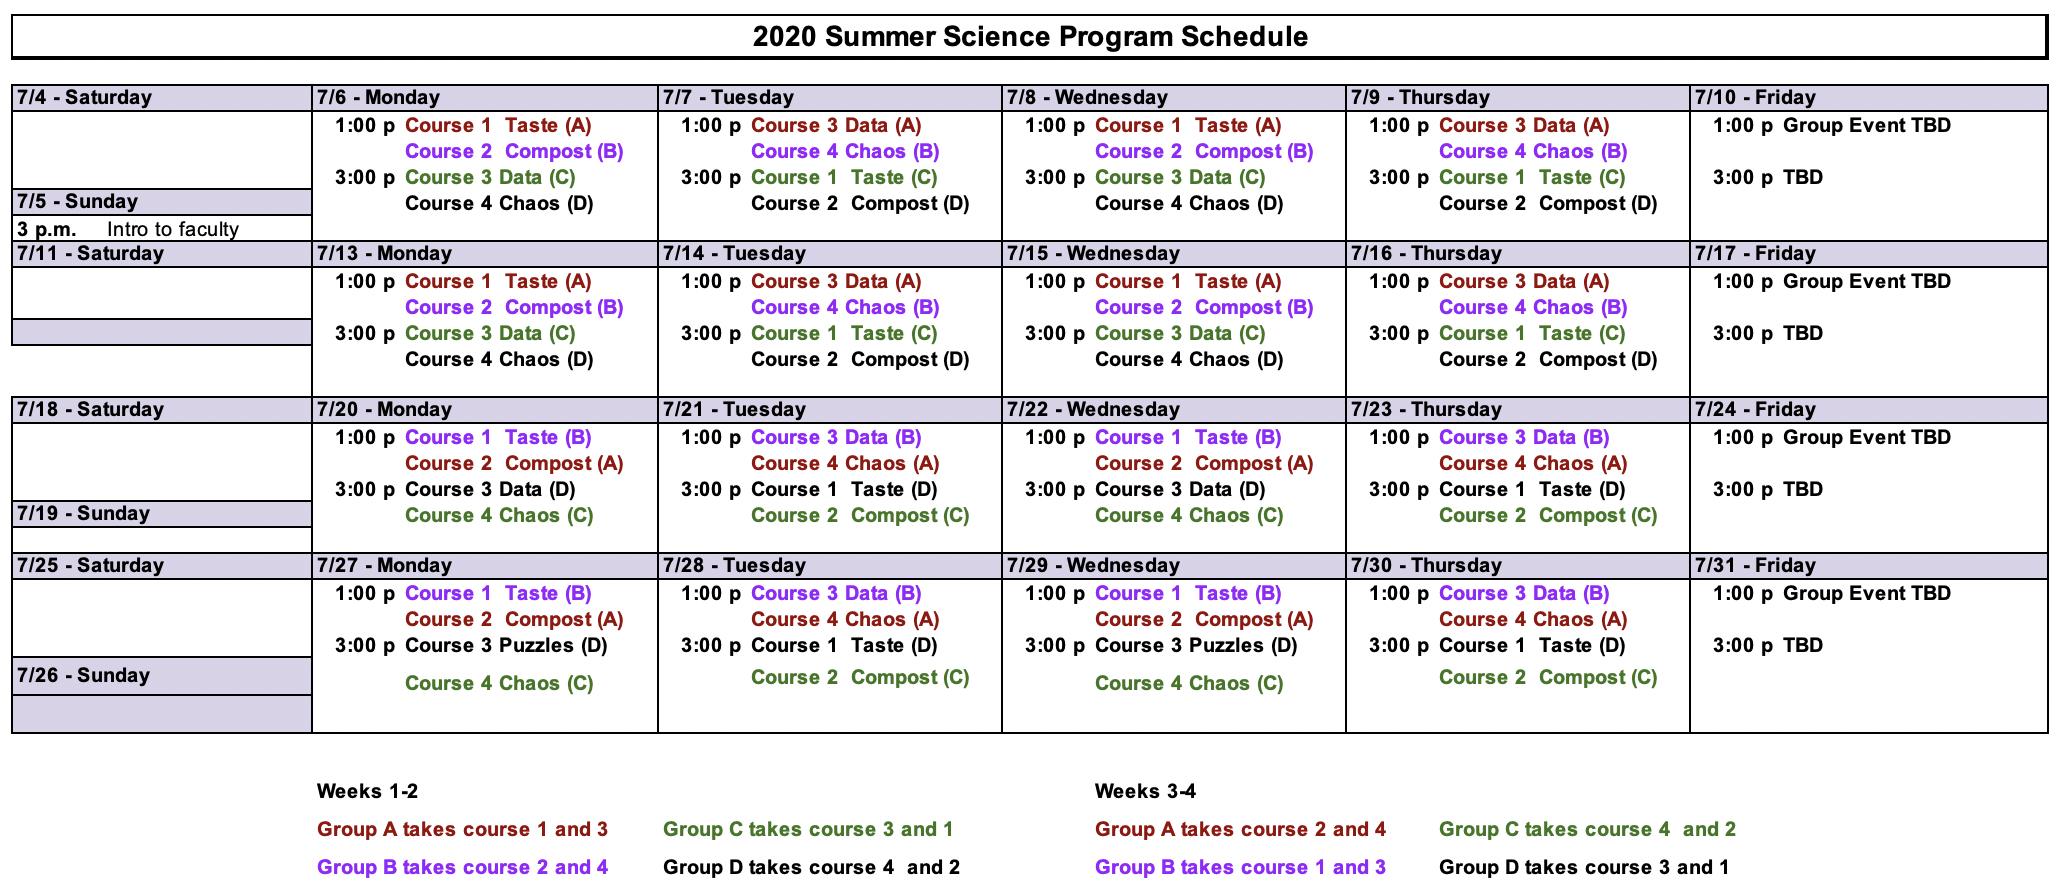 SSP 2020 Schedule